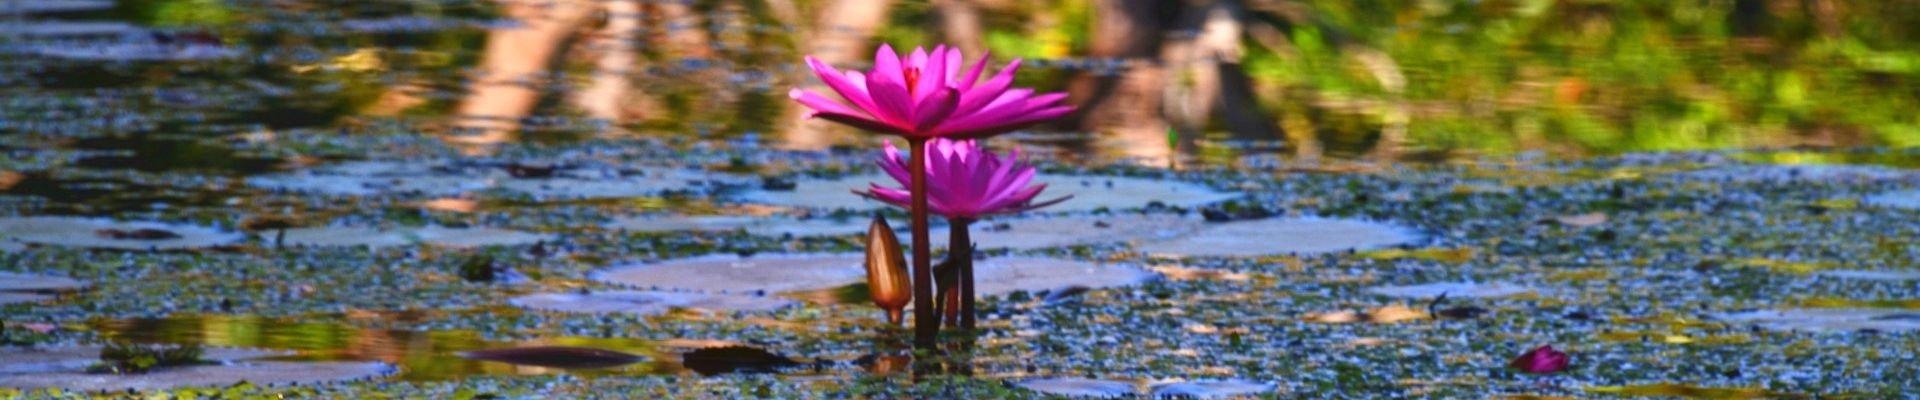 流连忘返与心存敬畏—盛放的斯里兰卡